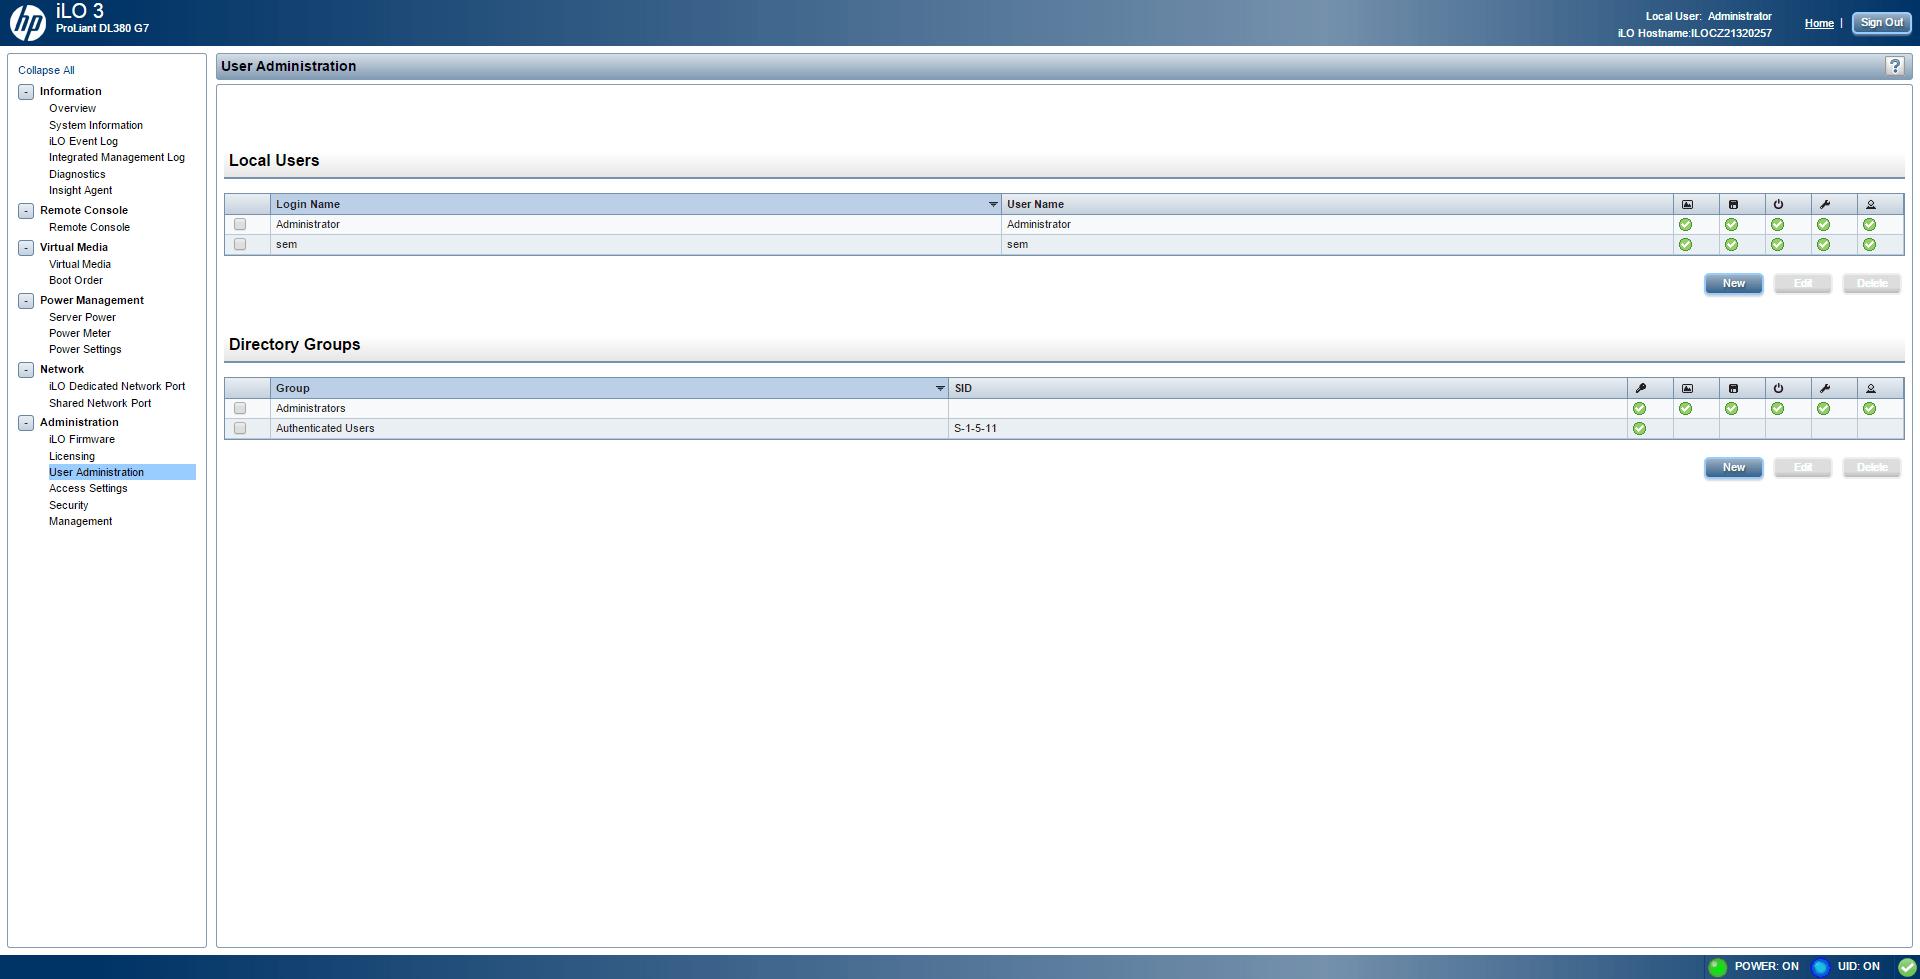 Как создать нового пользователя в ILO 3 в HP dl380 g7-03